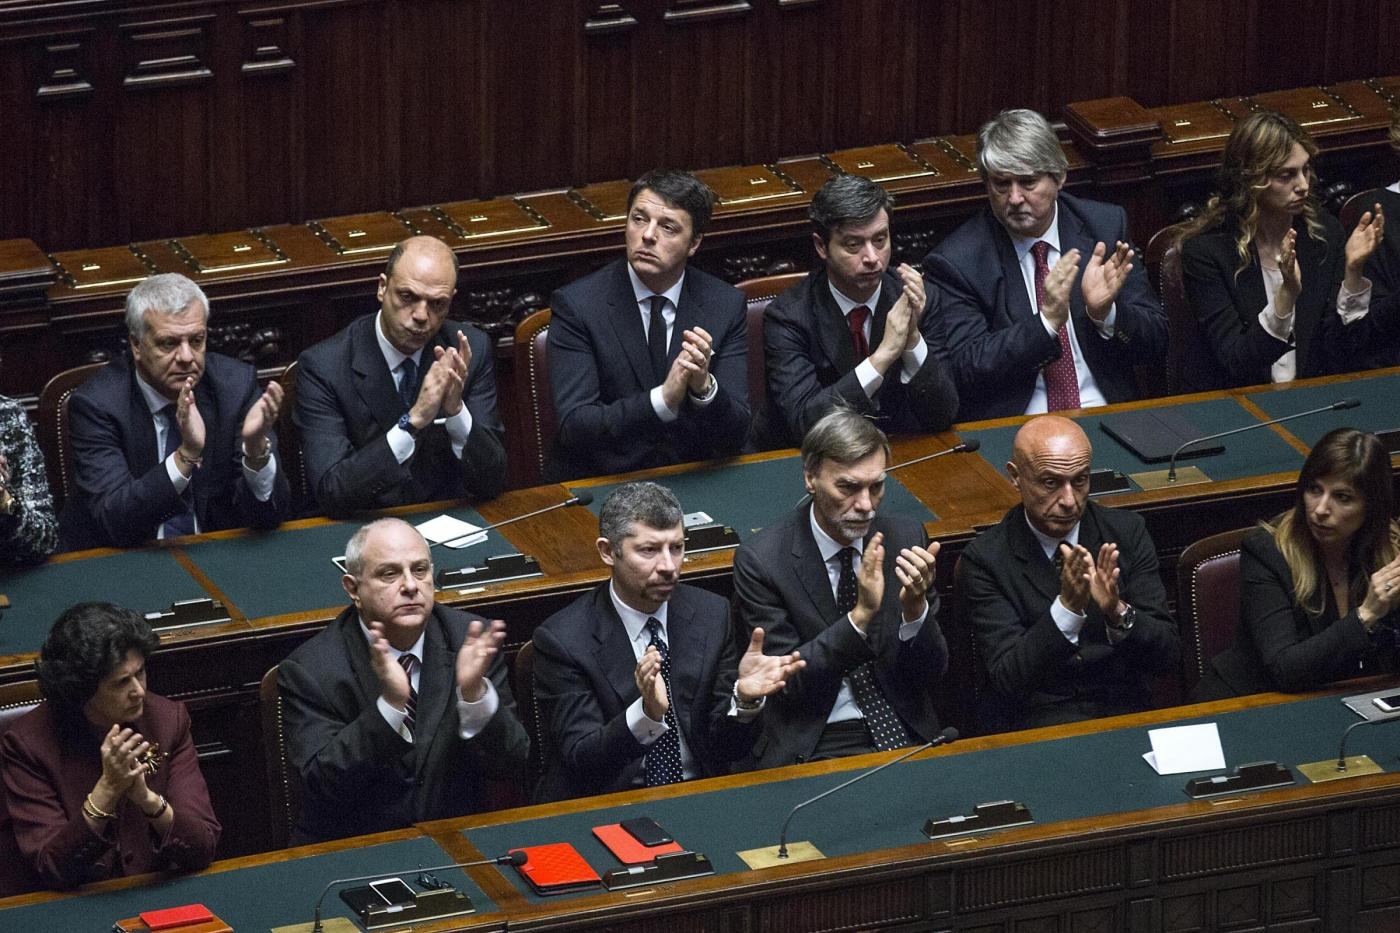 La storia del governo Renzi: che ha fatto in mille giorni?